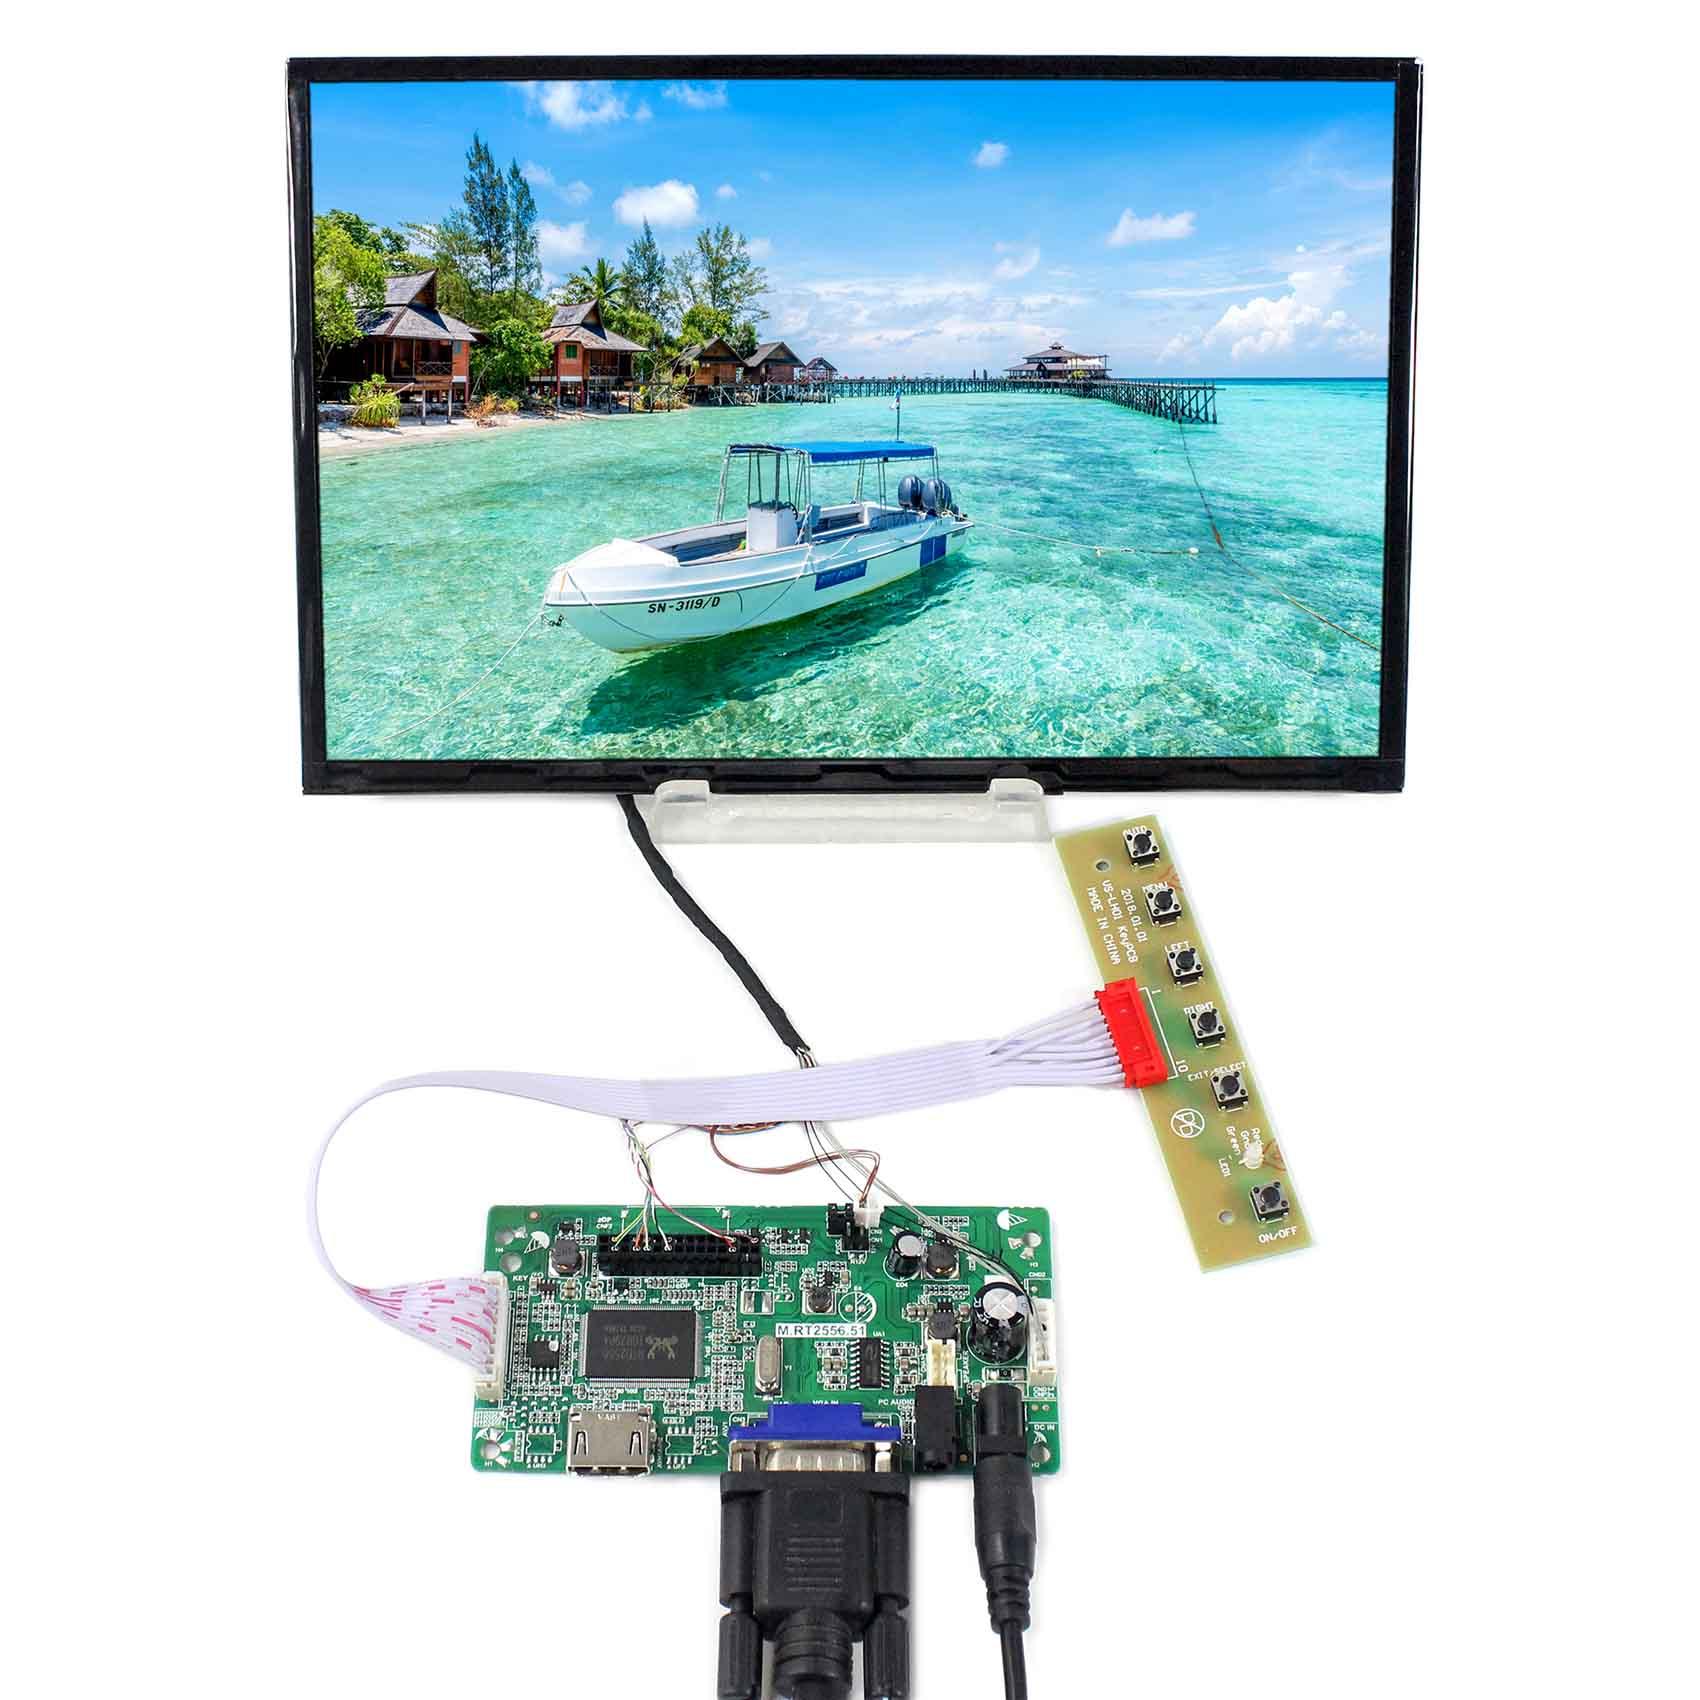 10.1 lcd  B101UAN01.C 10.1inch 1920X1200 LCD Screen  with HDMI VGA LCD Controller Board VS-RTD2556HV-V310.1 lcd  B101UAN01.C 10.1inch 1920X1200 LCD Screen  with HDMI VGA LCD Controller Board VS-RTD2556HV-V3